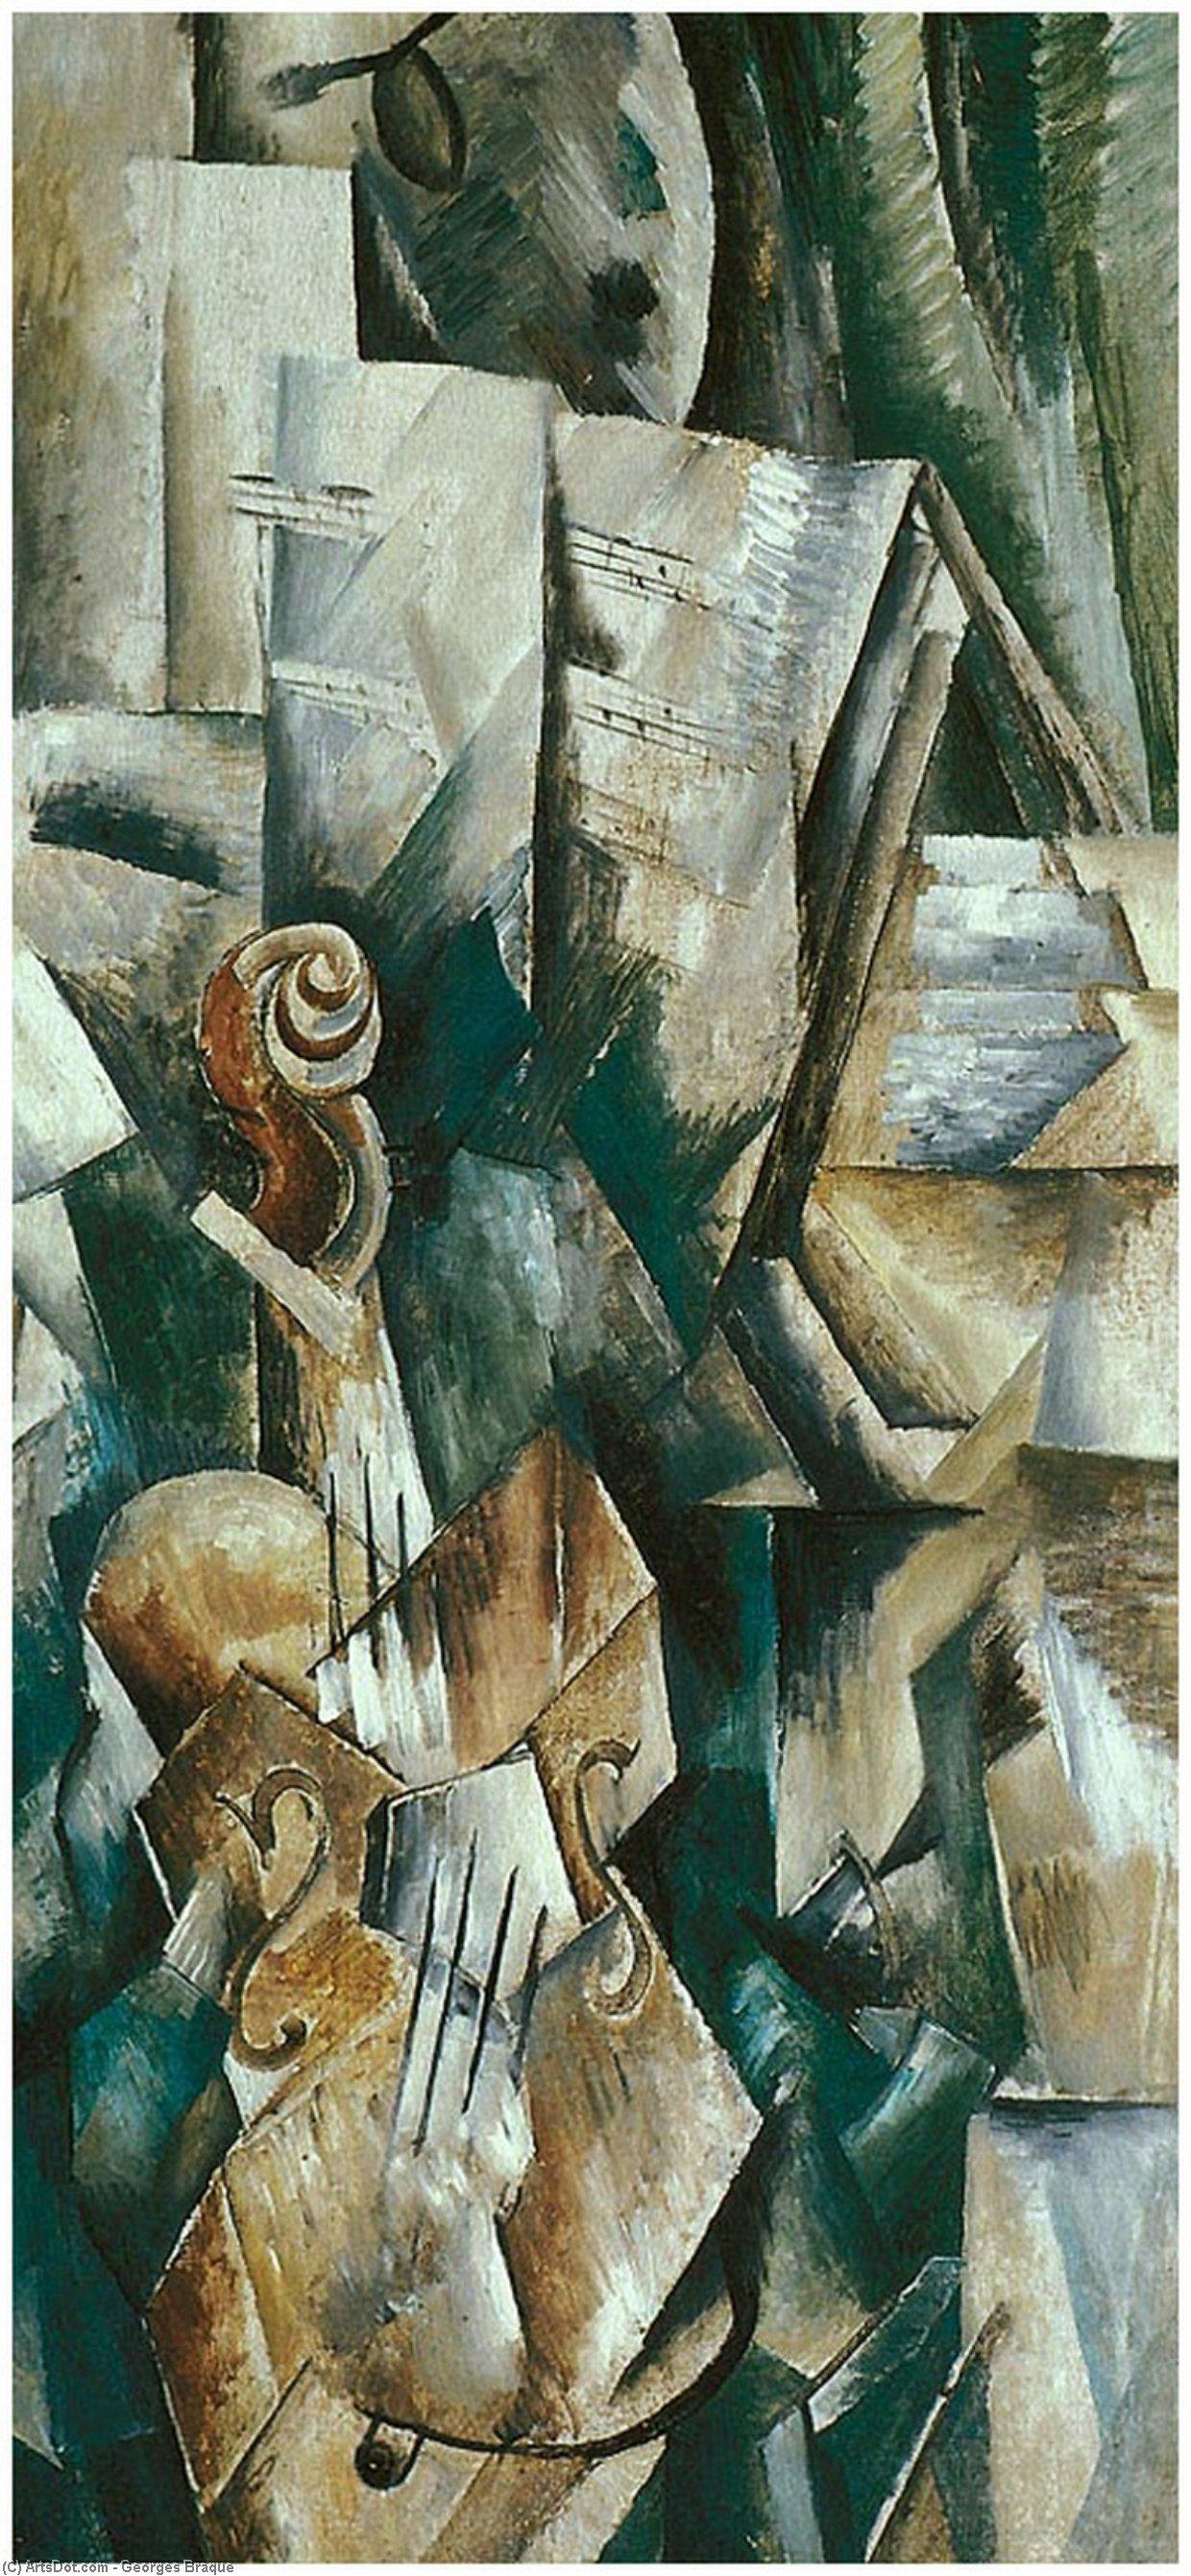 Wikioo.org – La Enciclopedia de las Bellas Artes - Pintura, Obras de arte de Georges Braque - violín y paleta